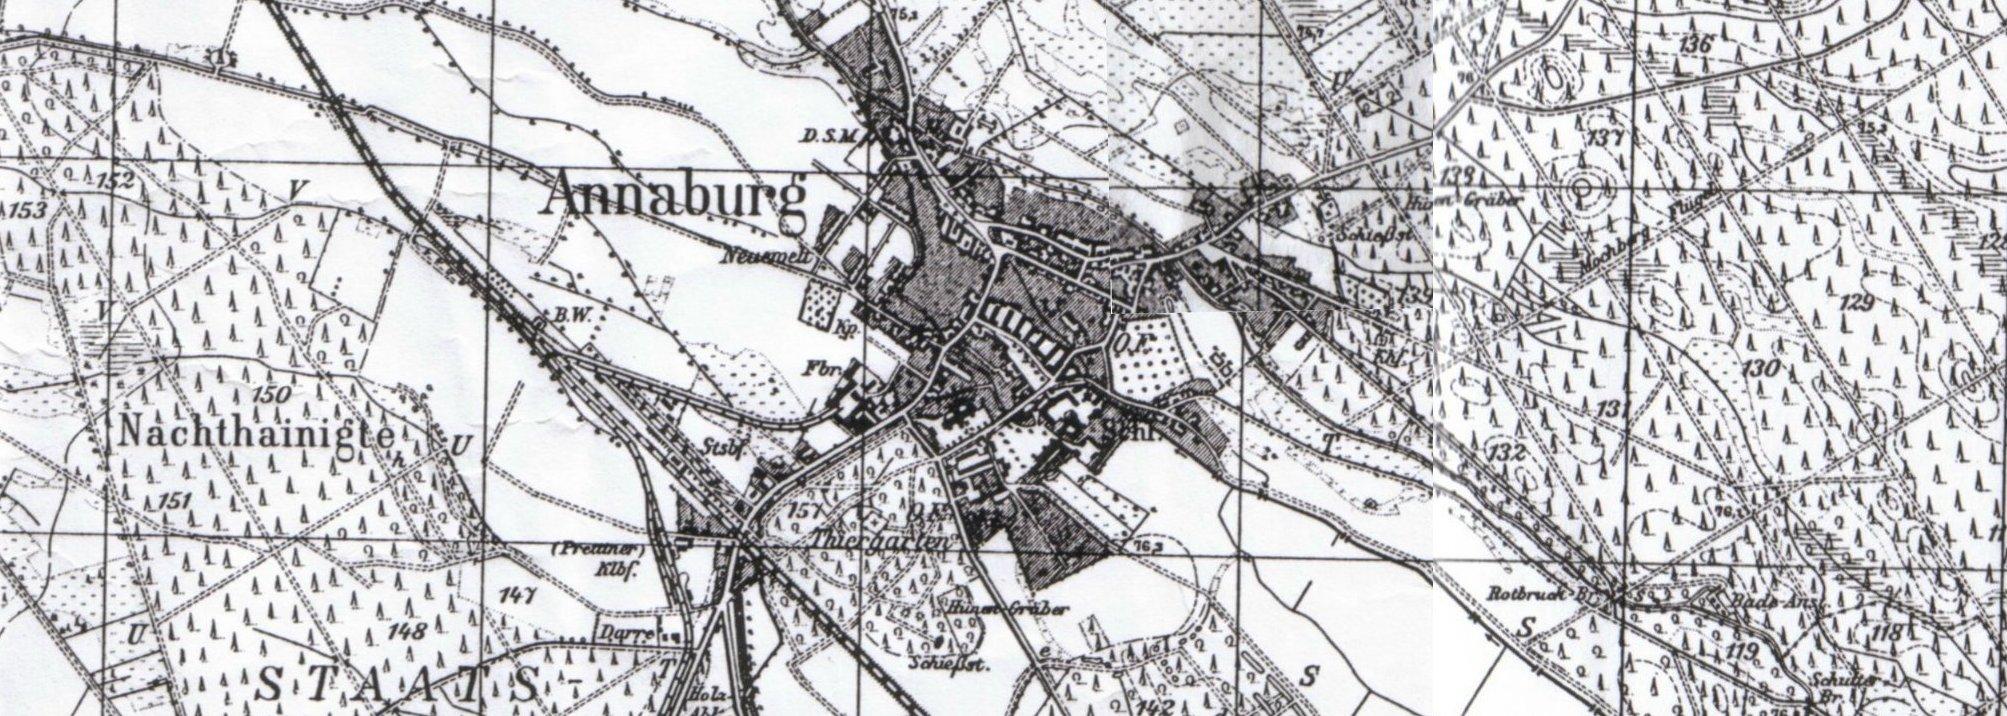 Annaburg 1905, Ausschnitt